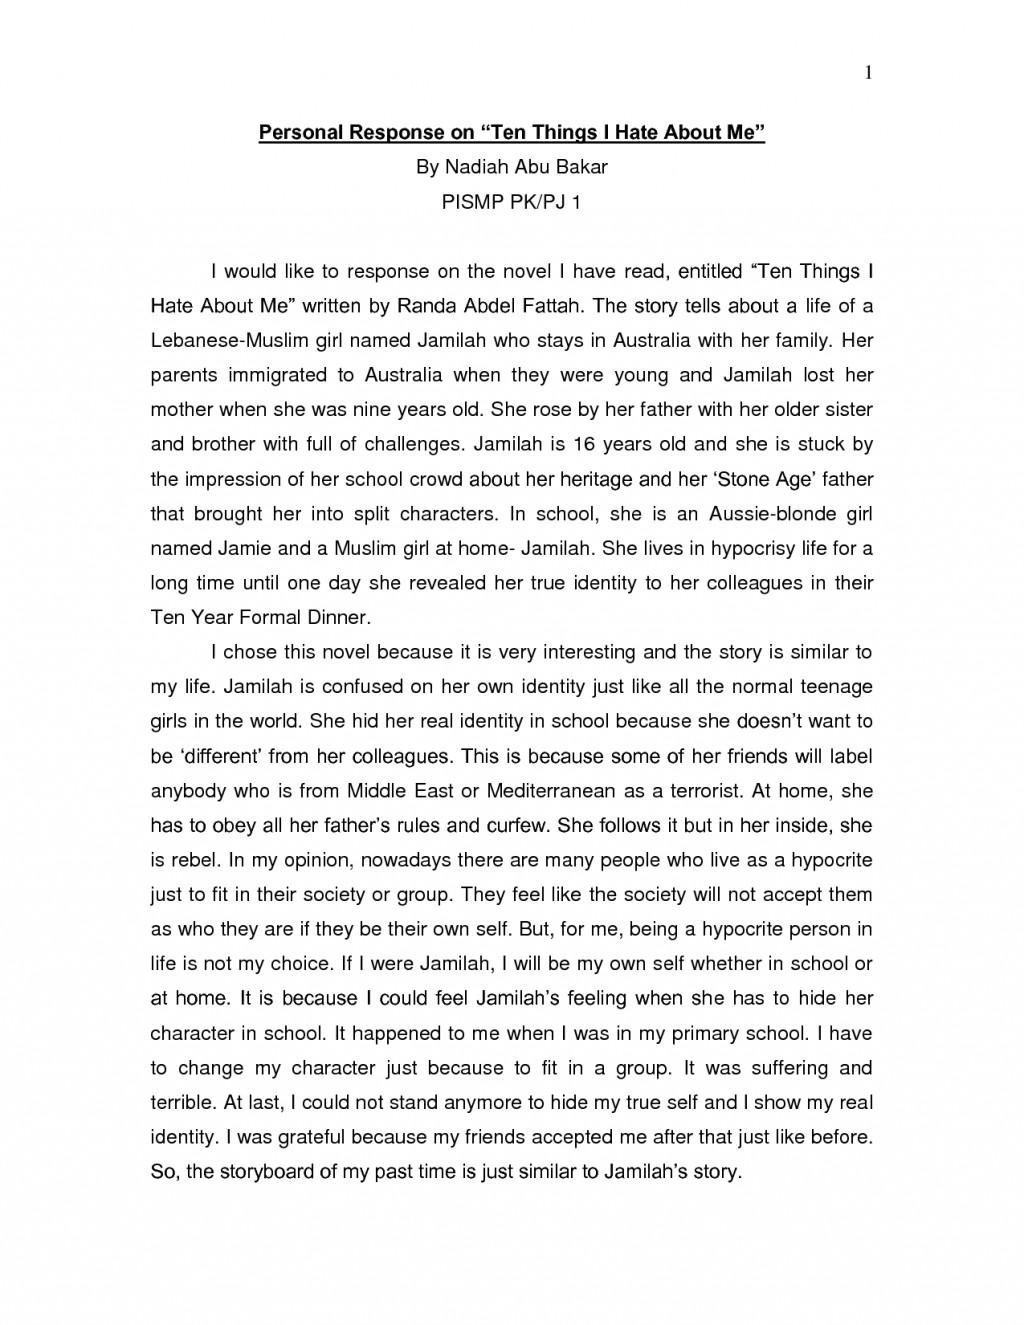 Personal narrative essay immigration